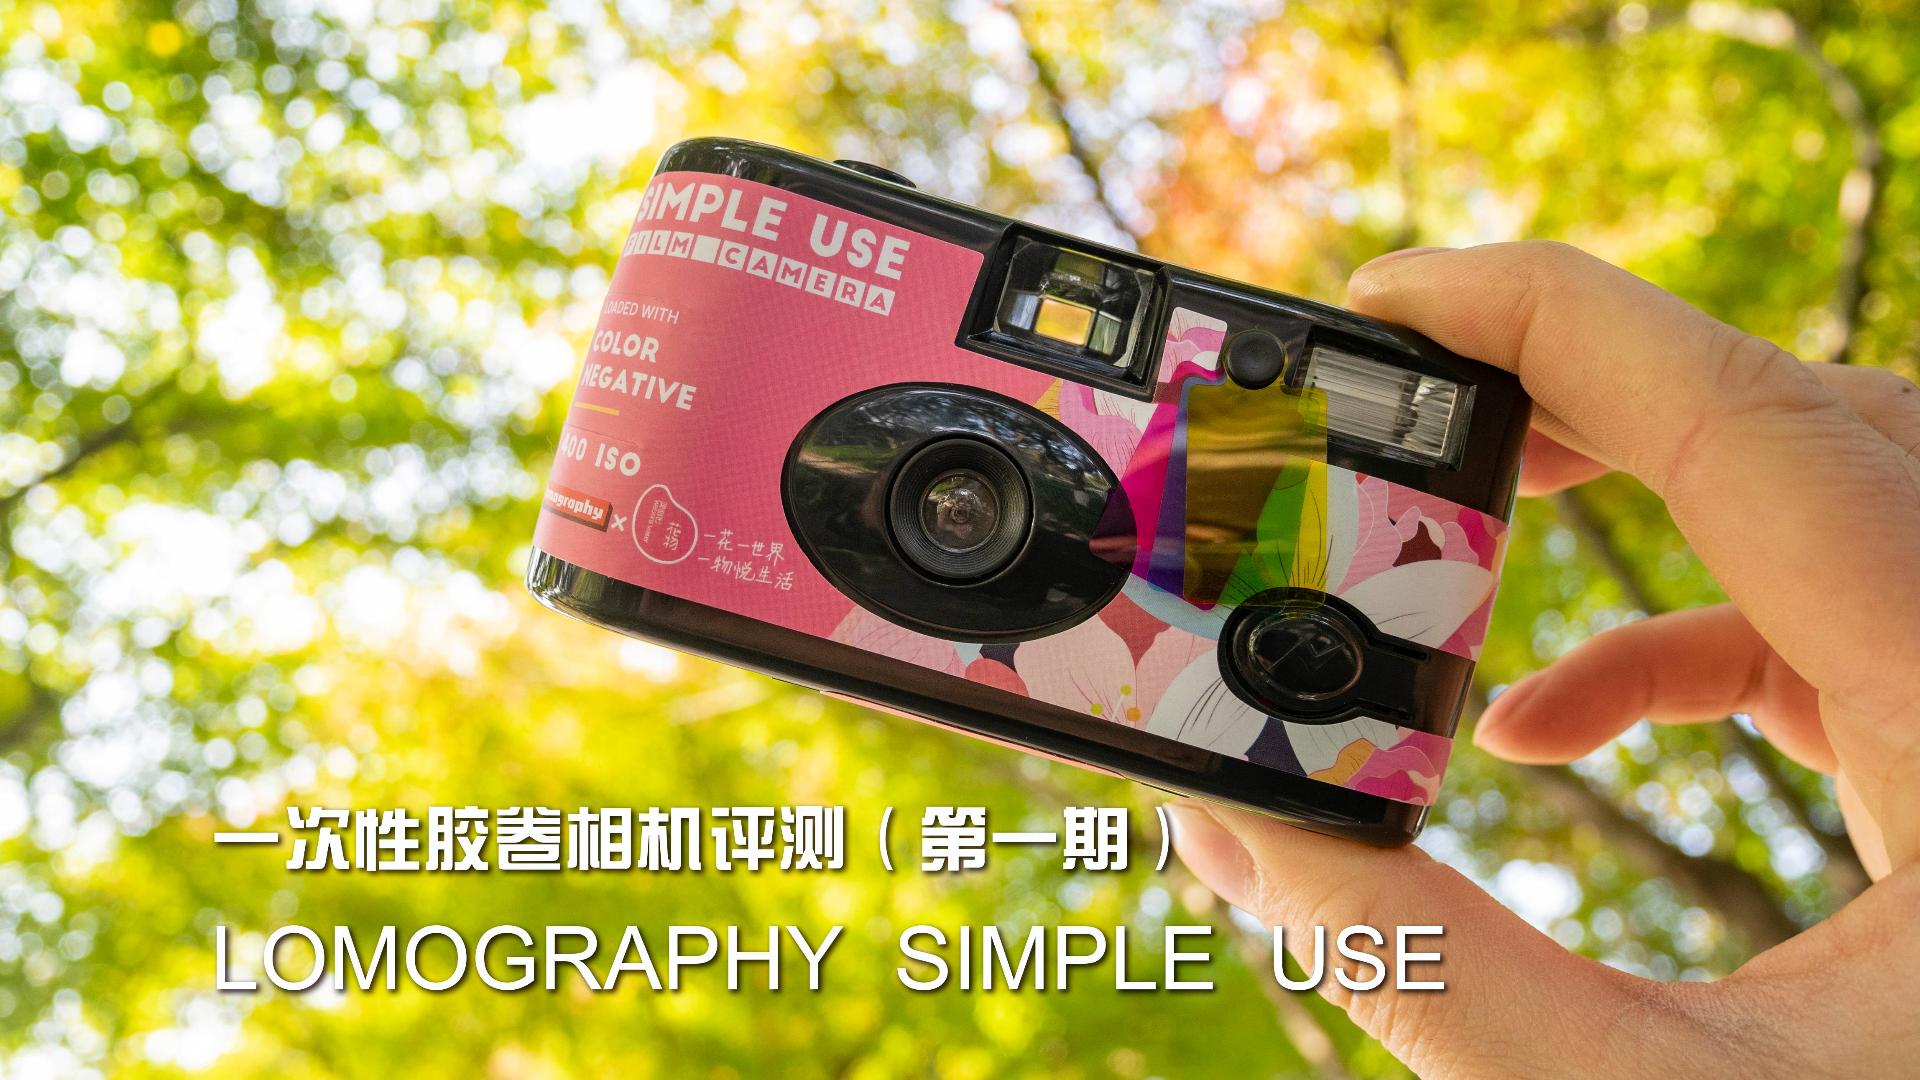 120元的相机能拍出怎样的照片?乐魔Lomography Simple Use一次性胶卷相机评测